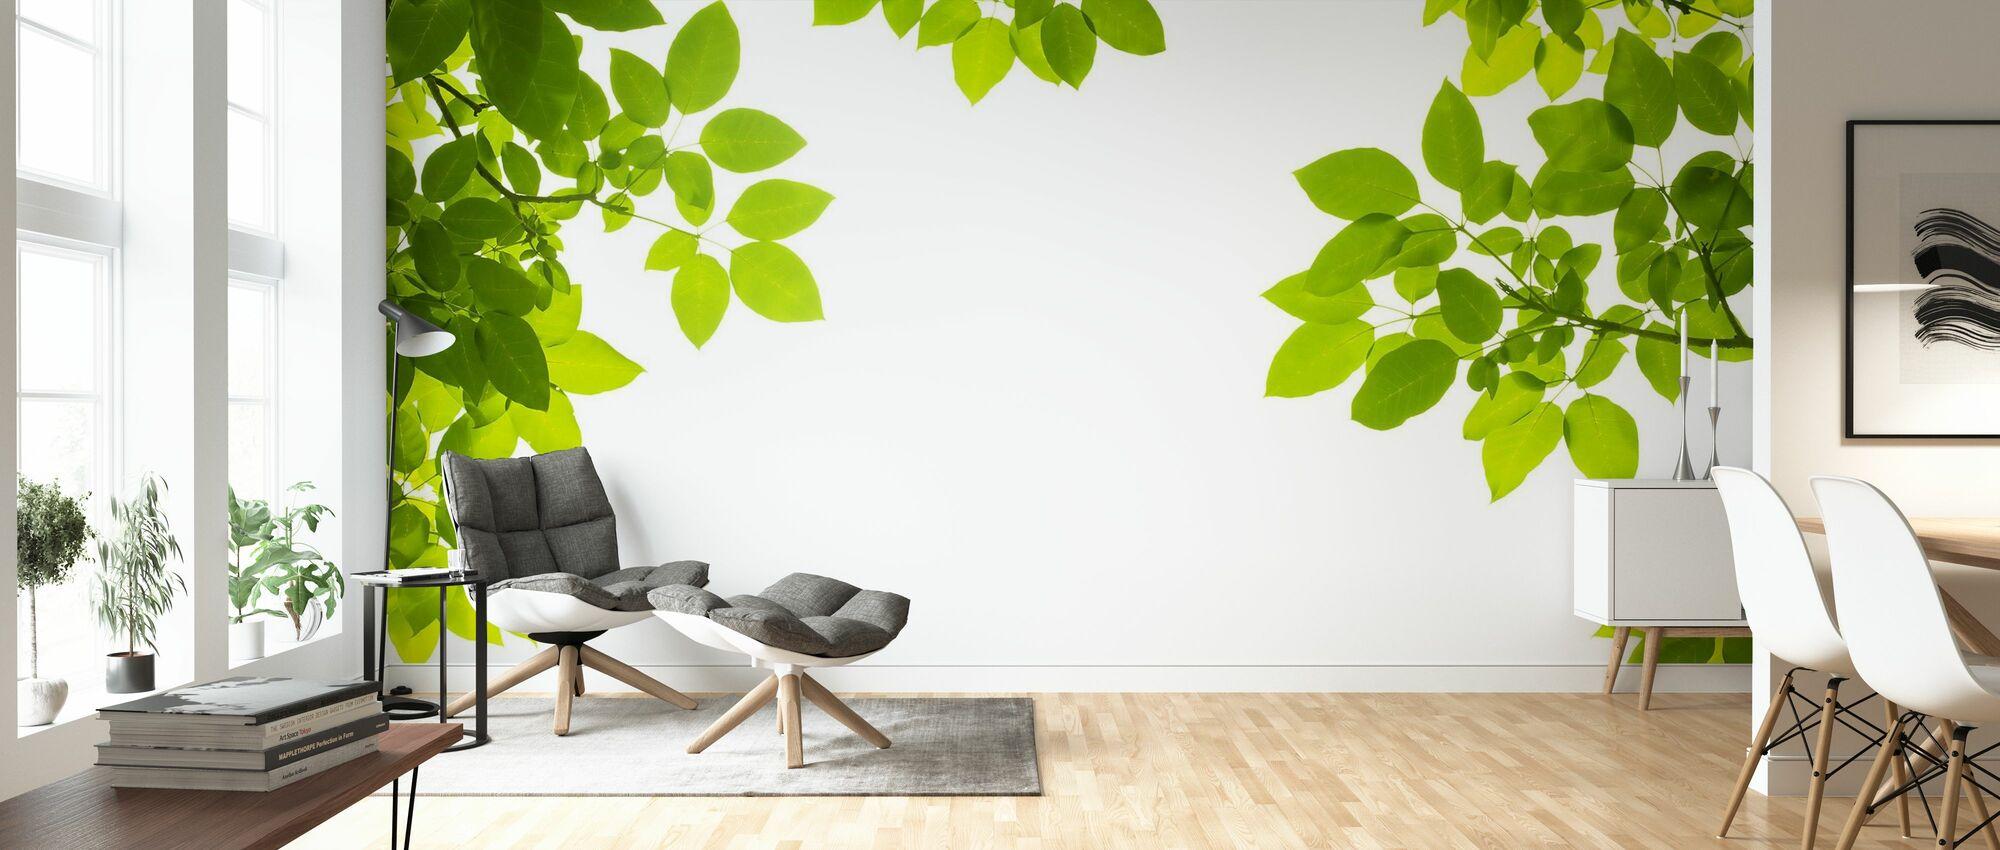 Ceiling of Fresh Leaves - Wallpaper - Living Room